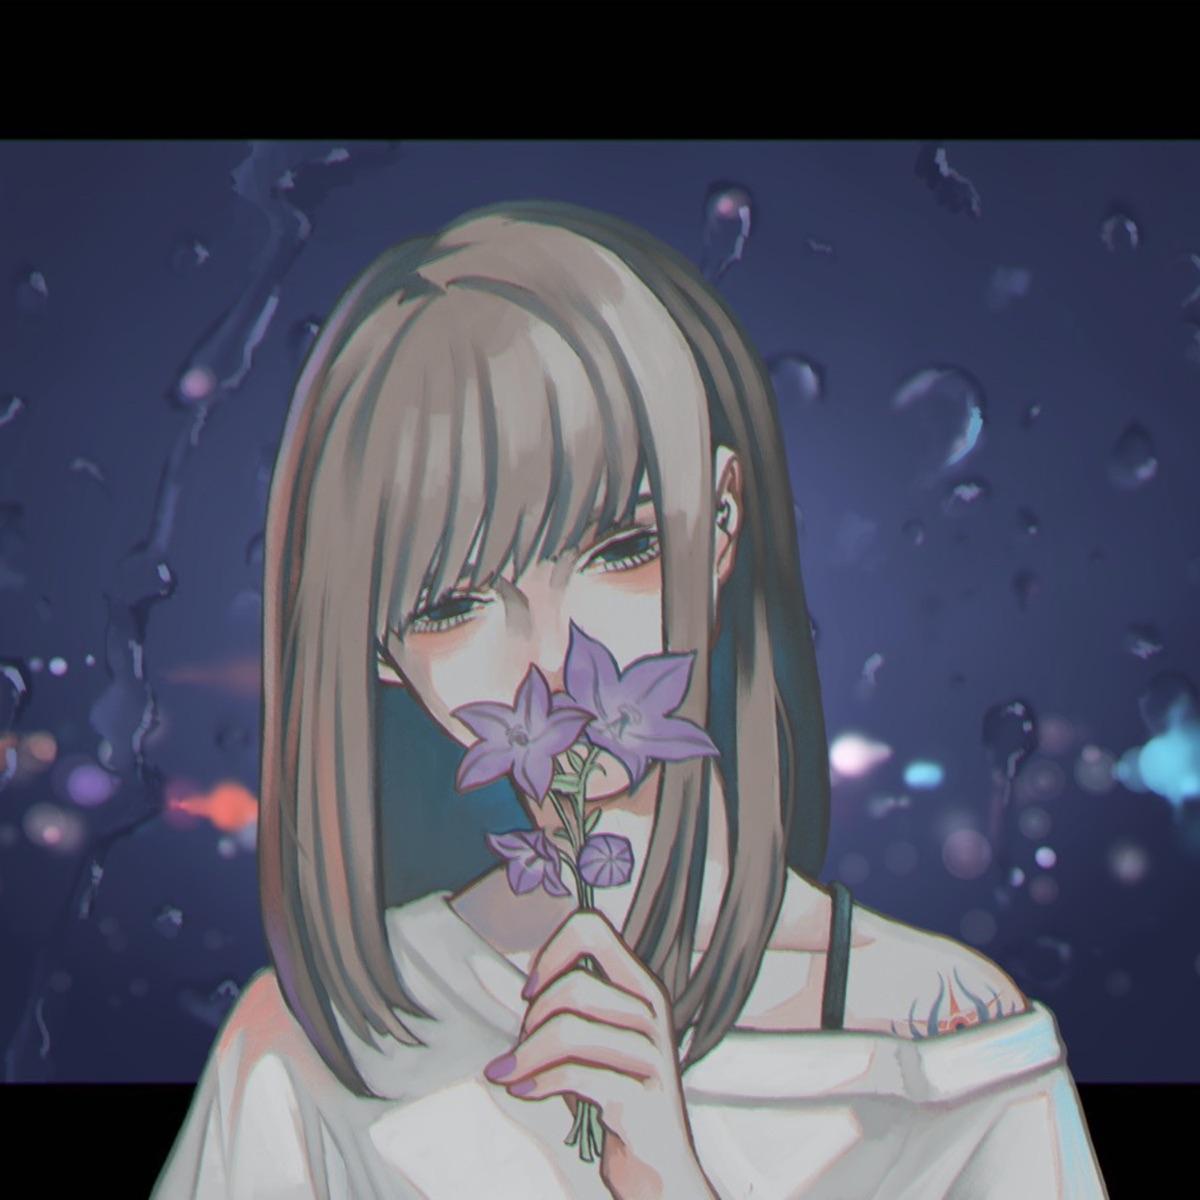 『堂村璃羽 - かたおもい』収録の『かたおもい - EP』ジャケット